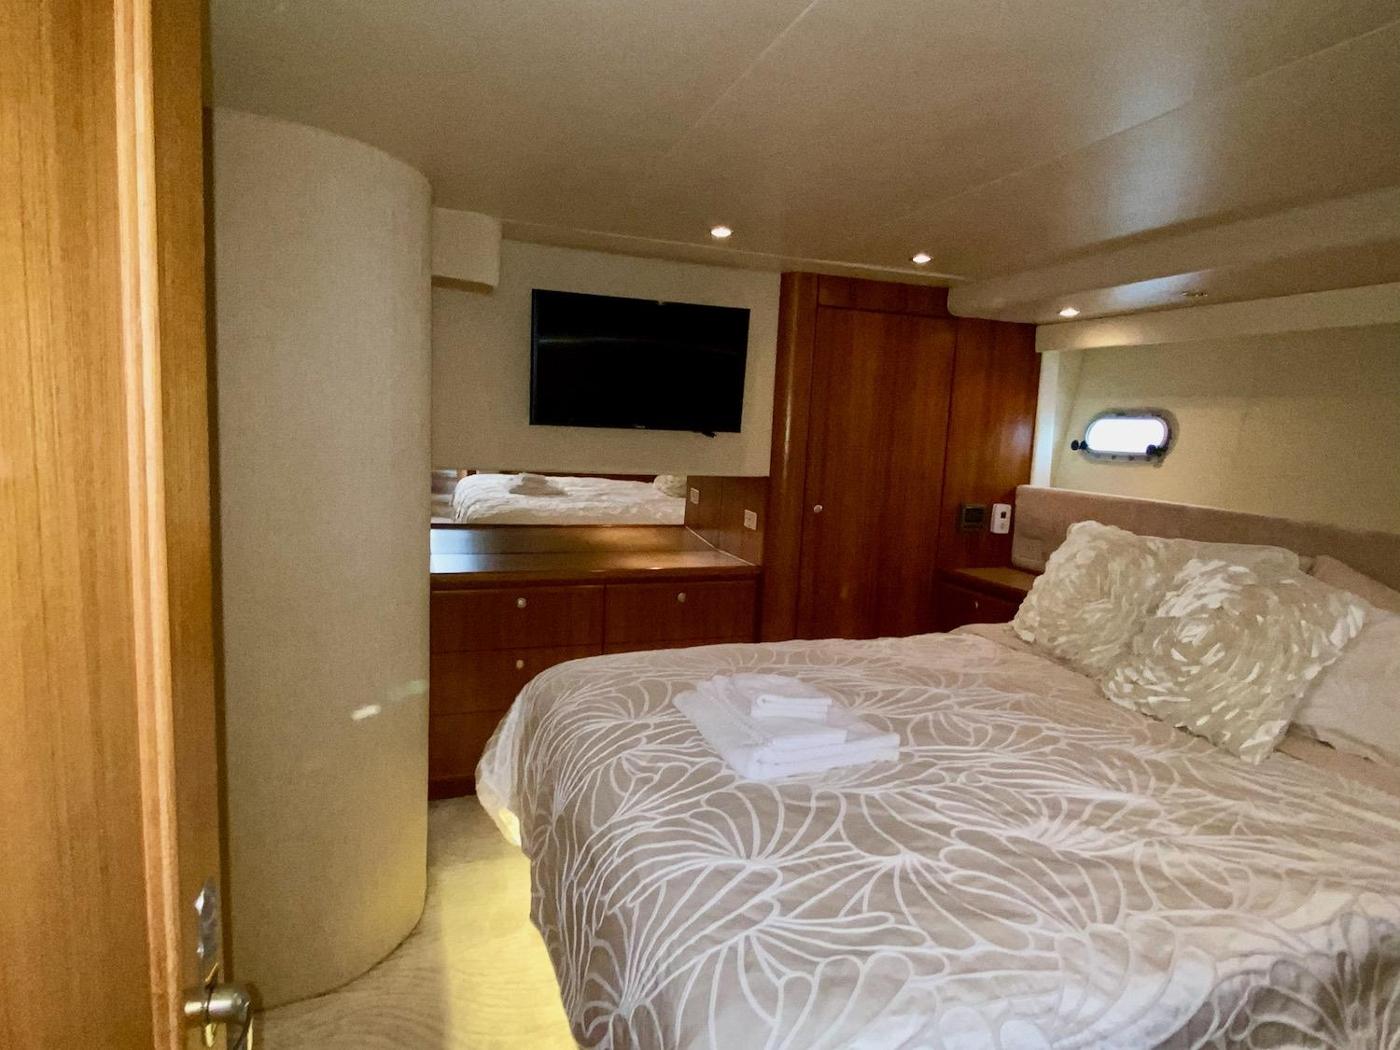 1998 Bayliner 5788 Pilot House Motoryacht,